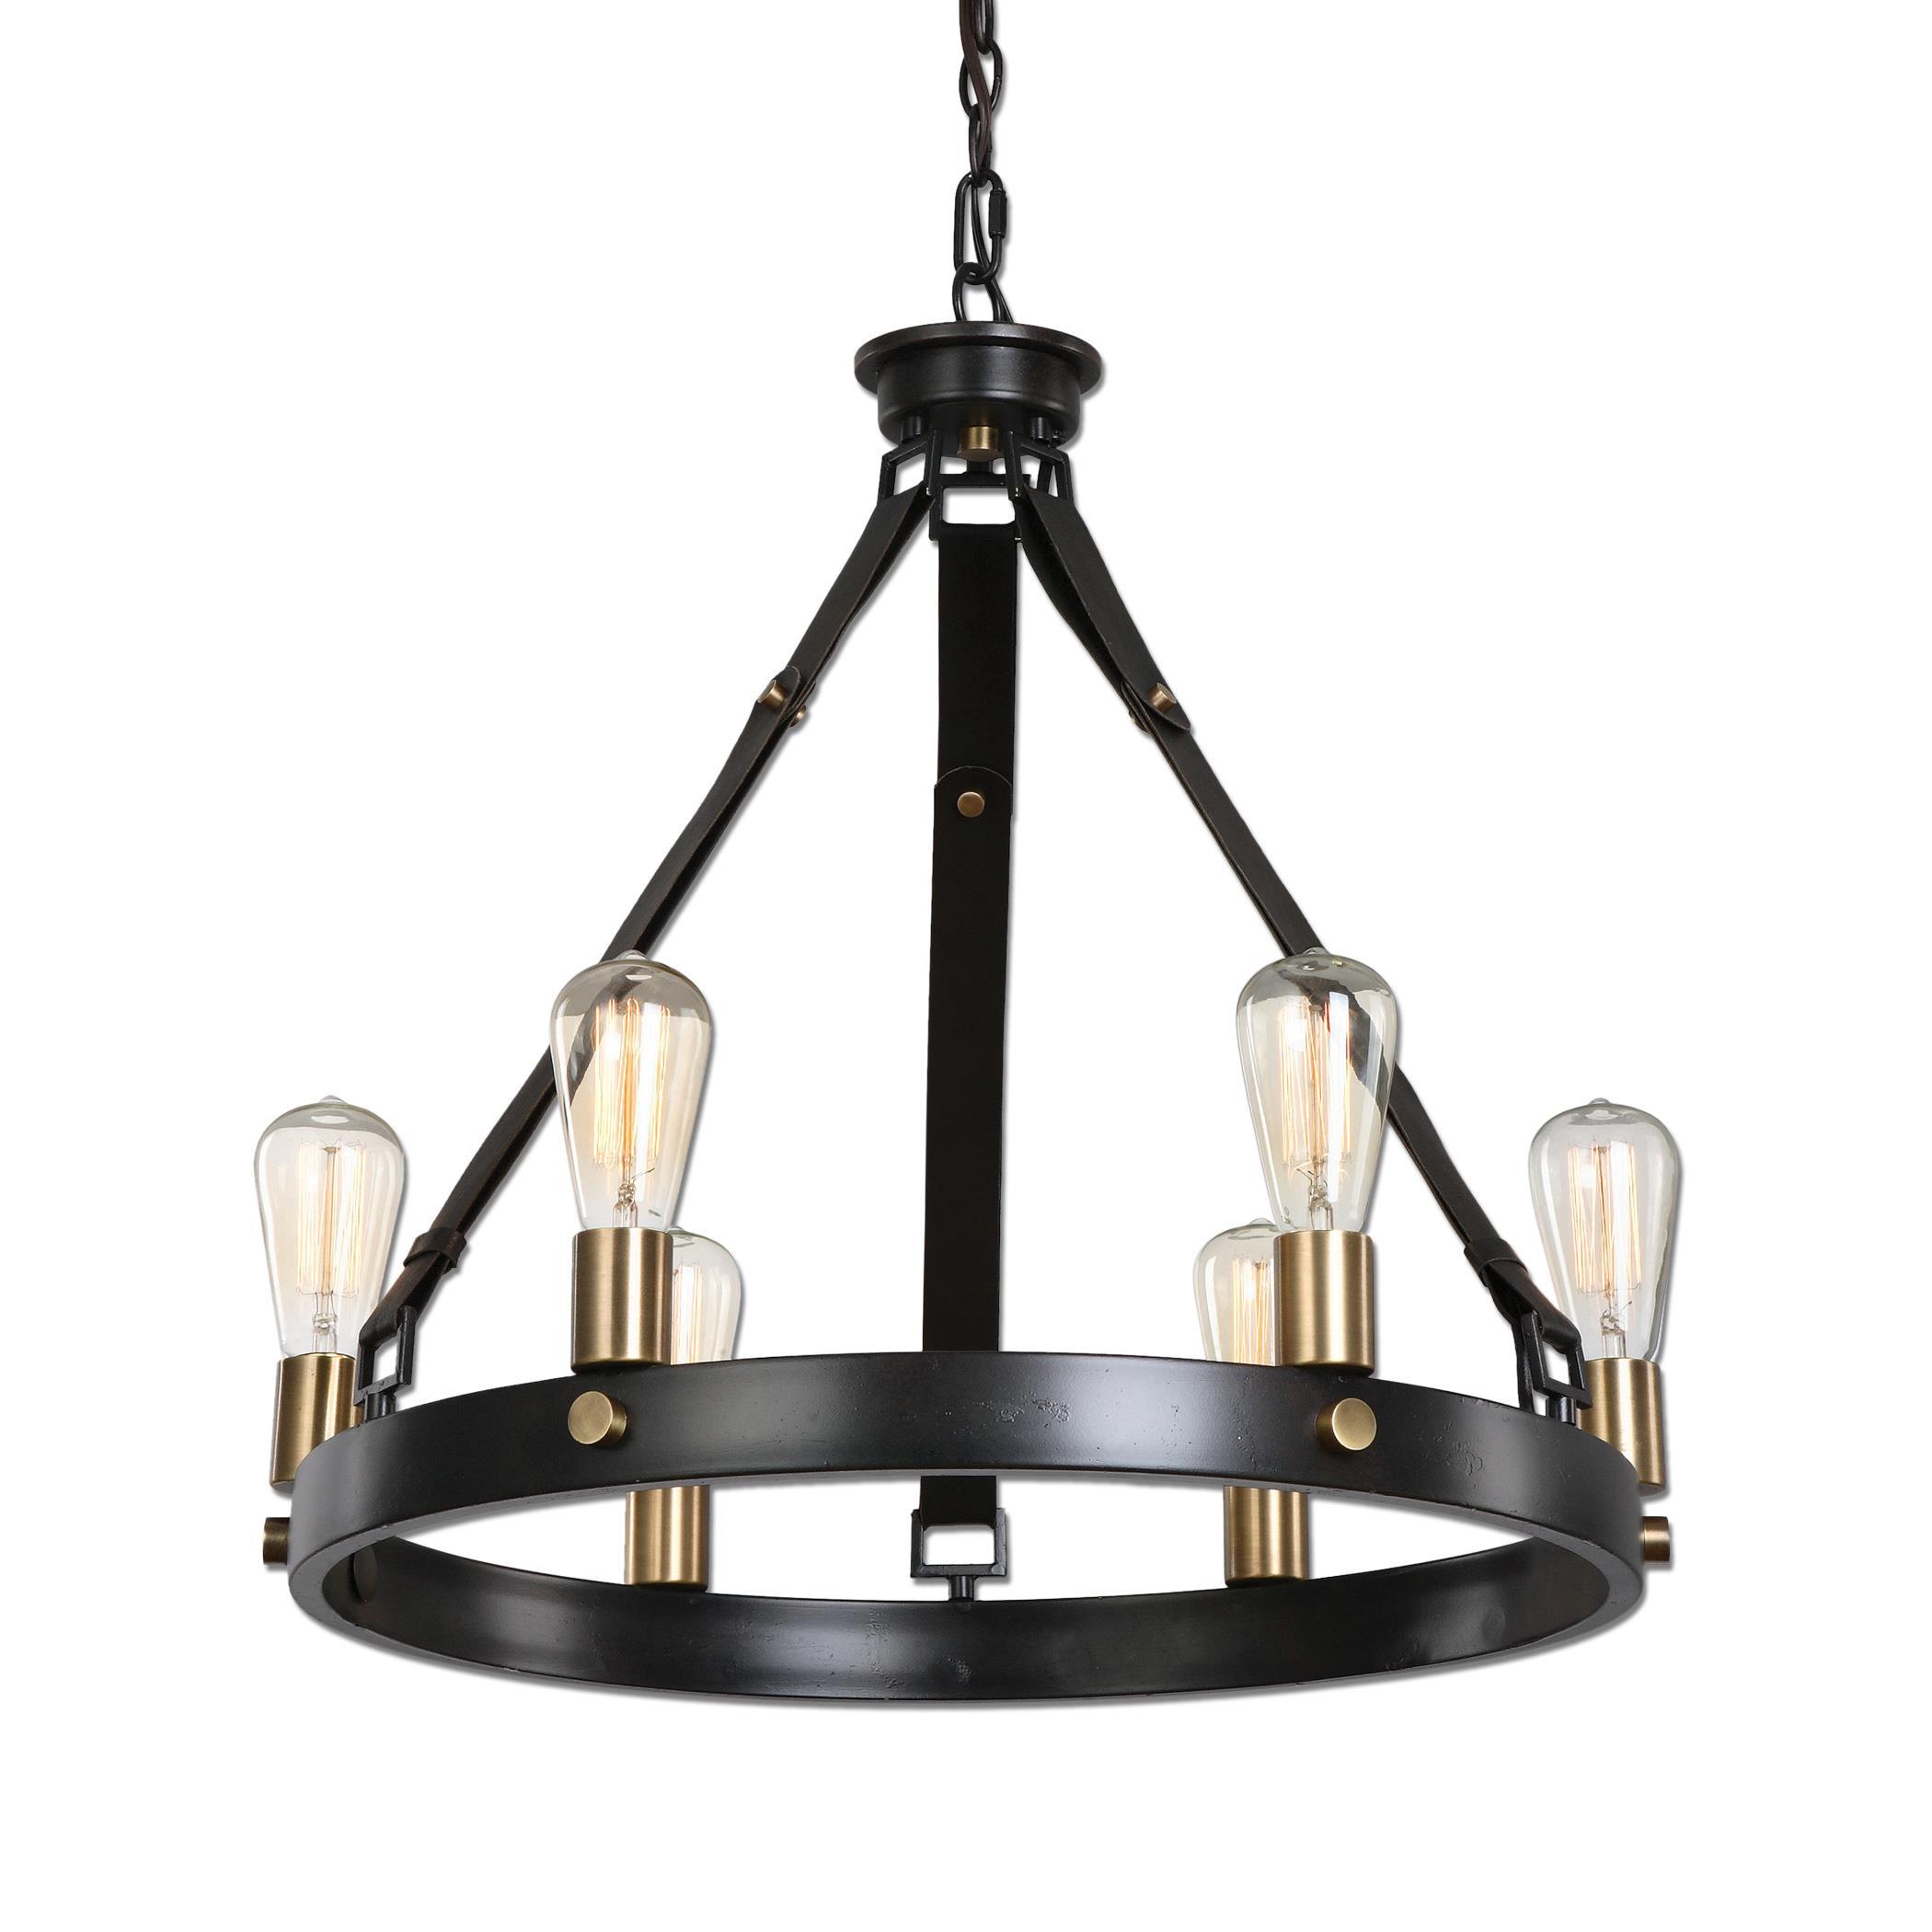 Uttermost Lighting Fixtures Marlow 6 Light Antique Bronze Chandelier - Item Number: 21273